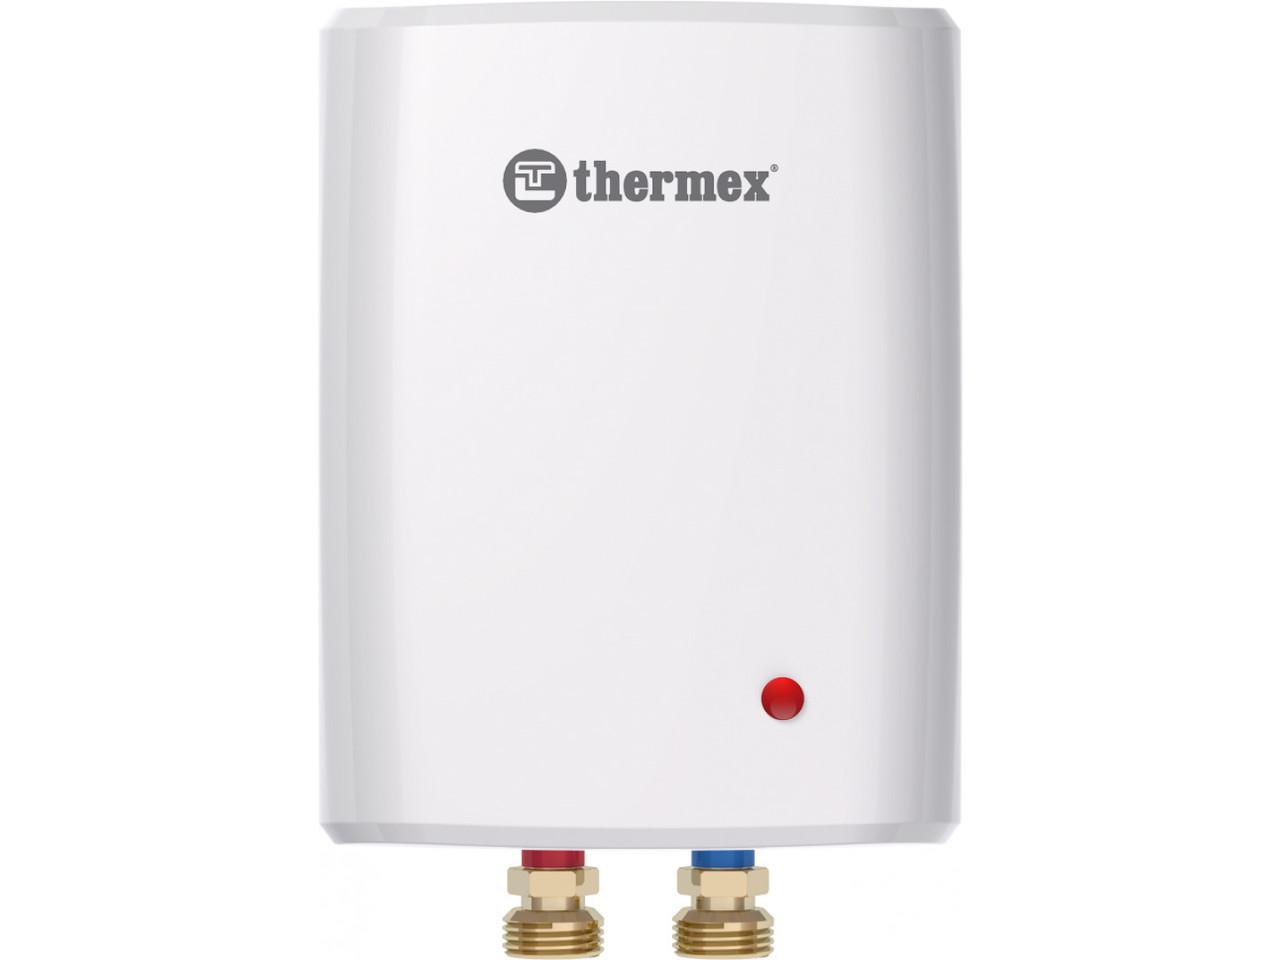 Електричні проточні водонагрівачі Thermex Surf Plus 6000